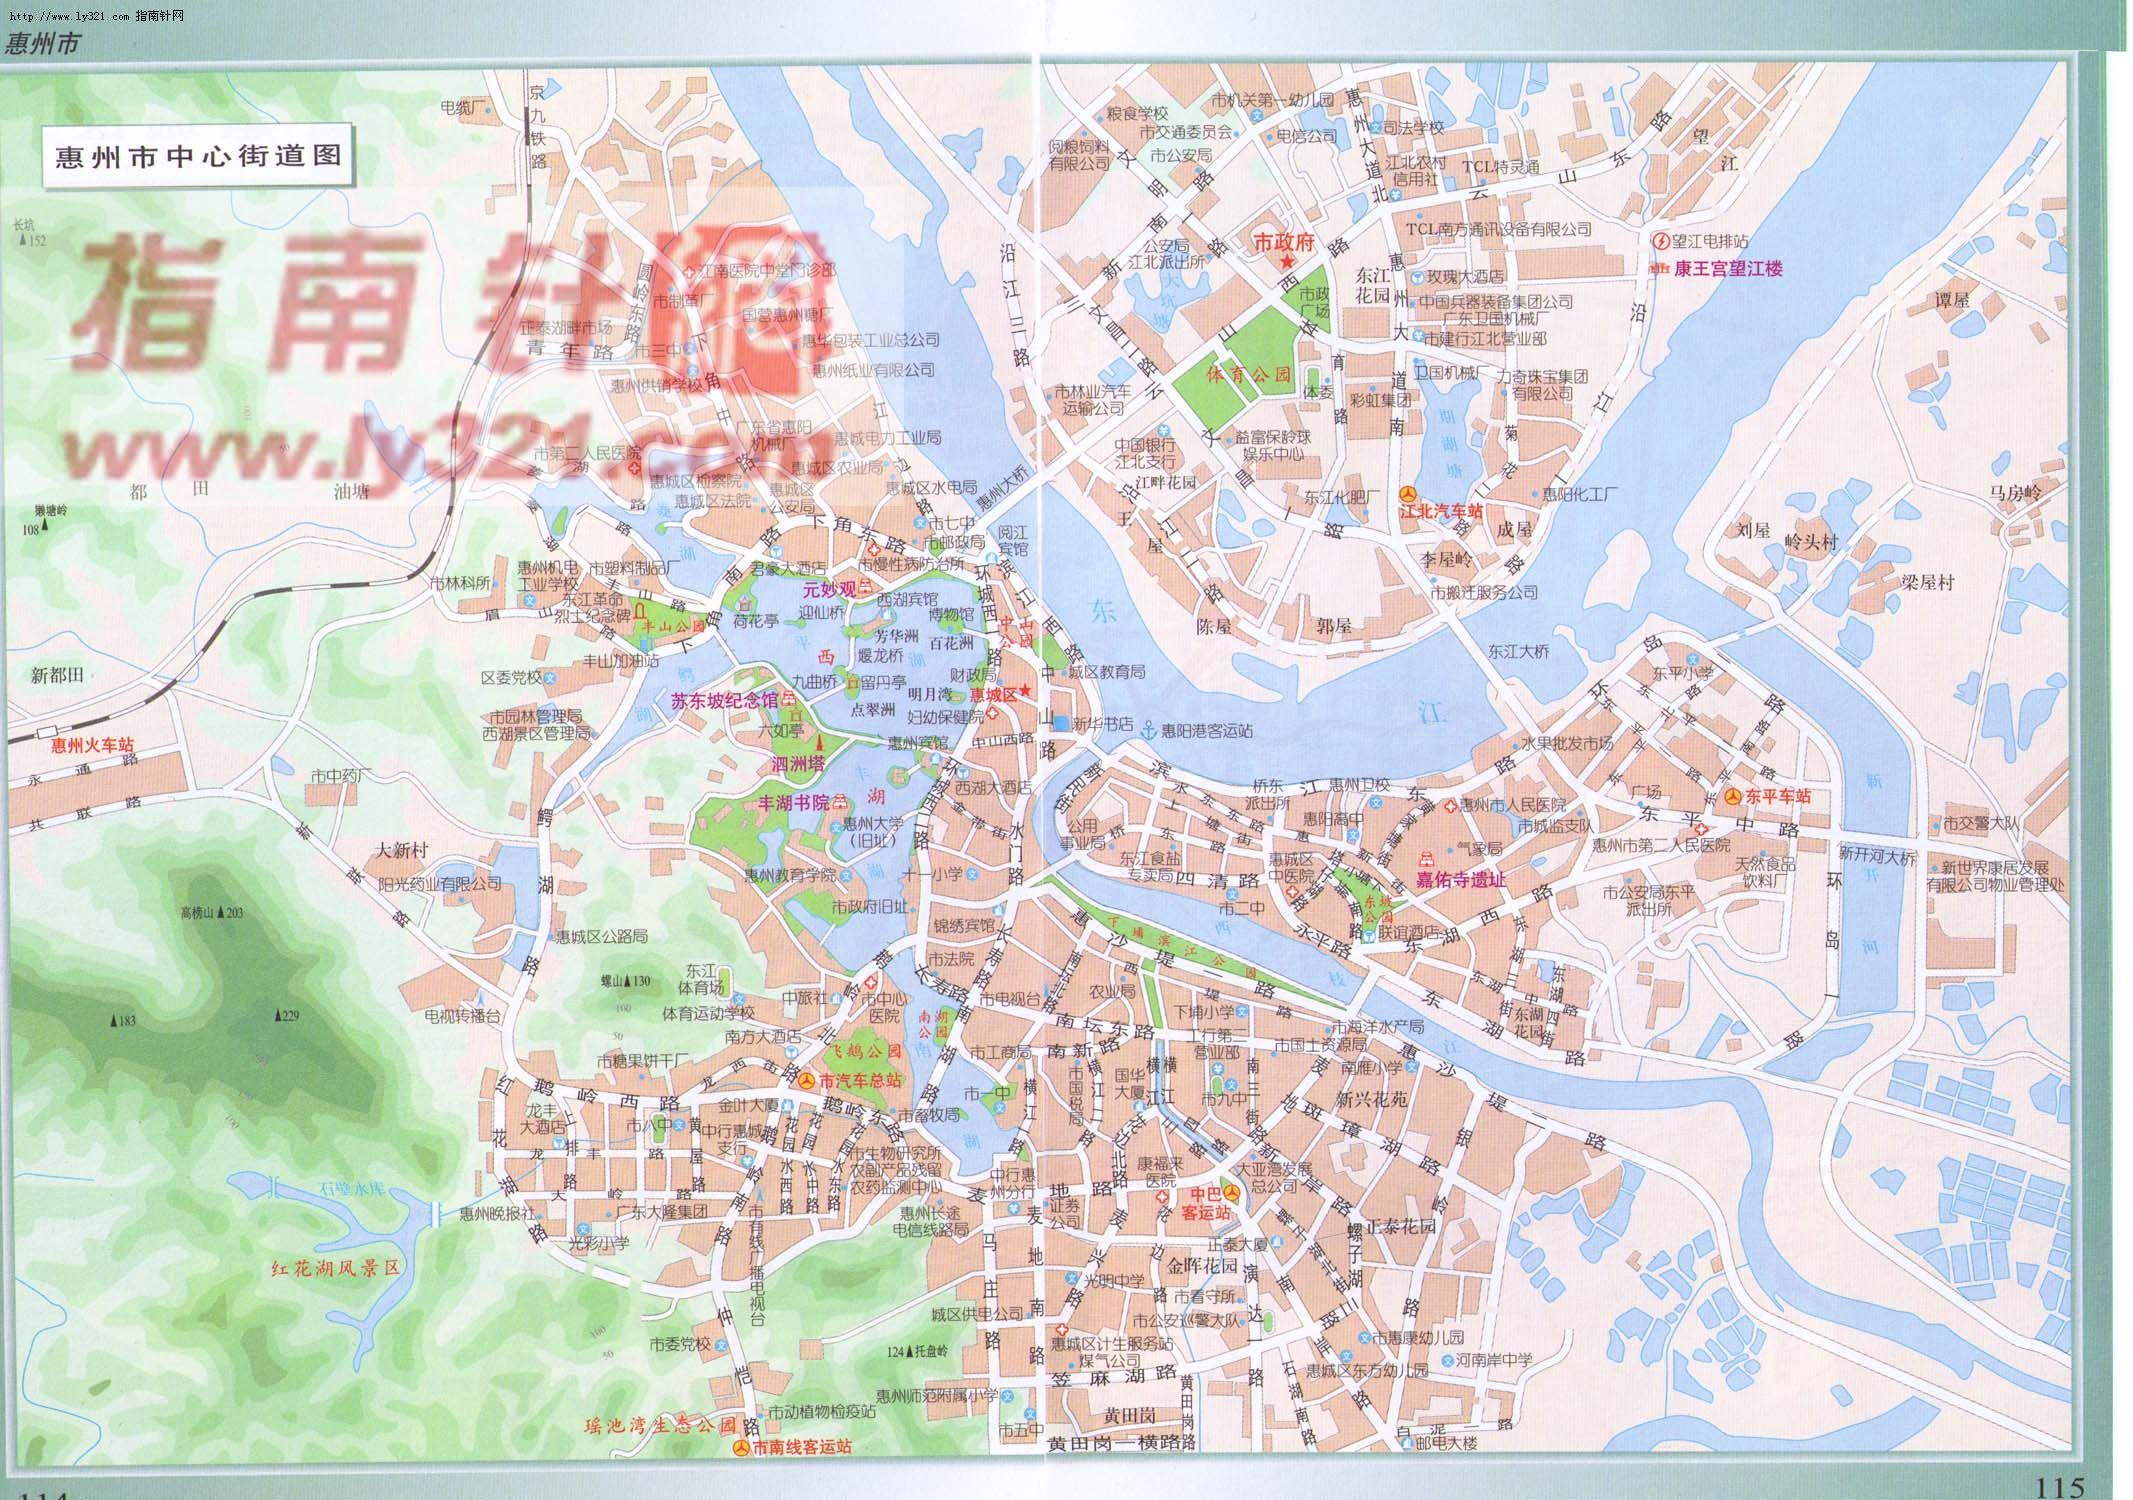 地图 惠州市/广东省惠州市中心街道地图